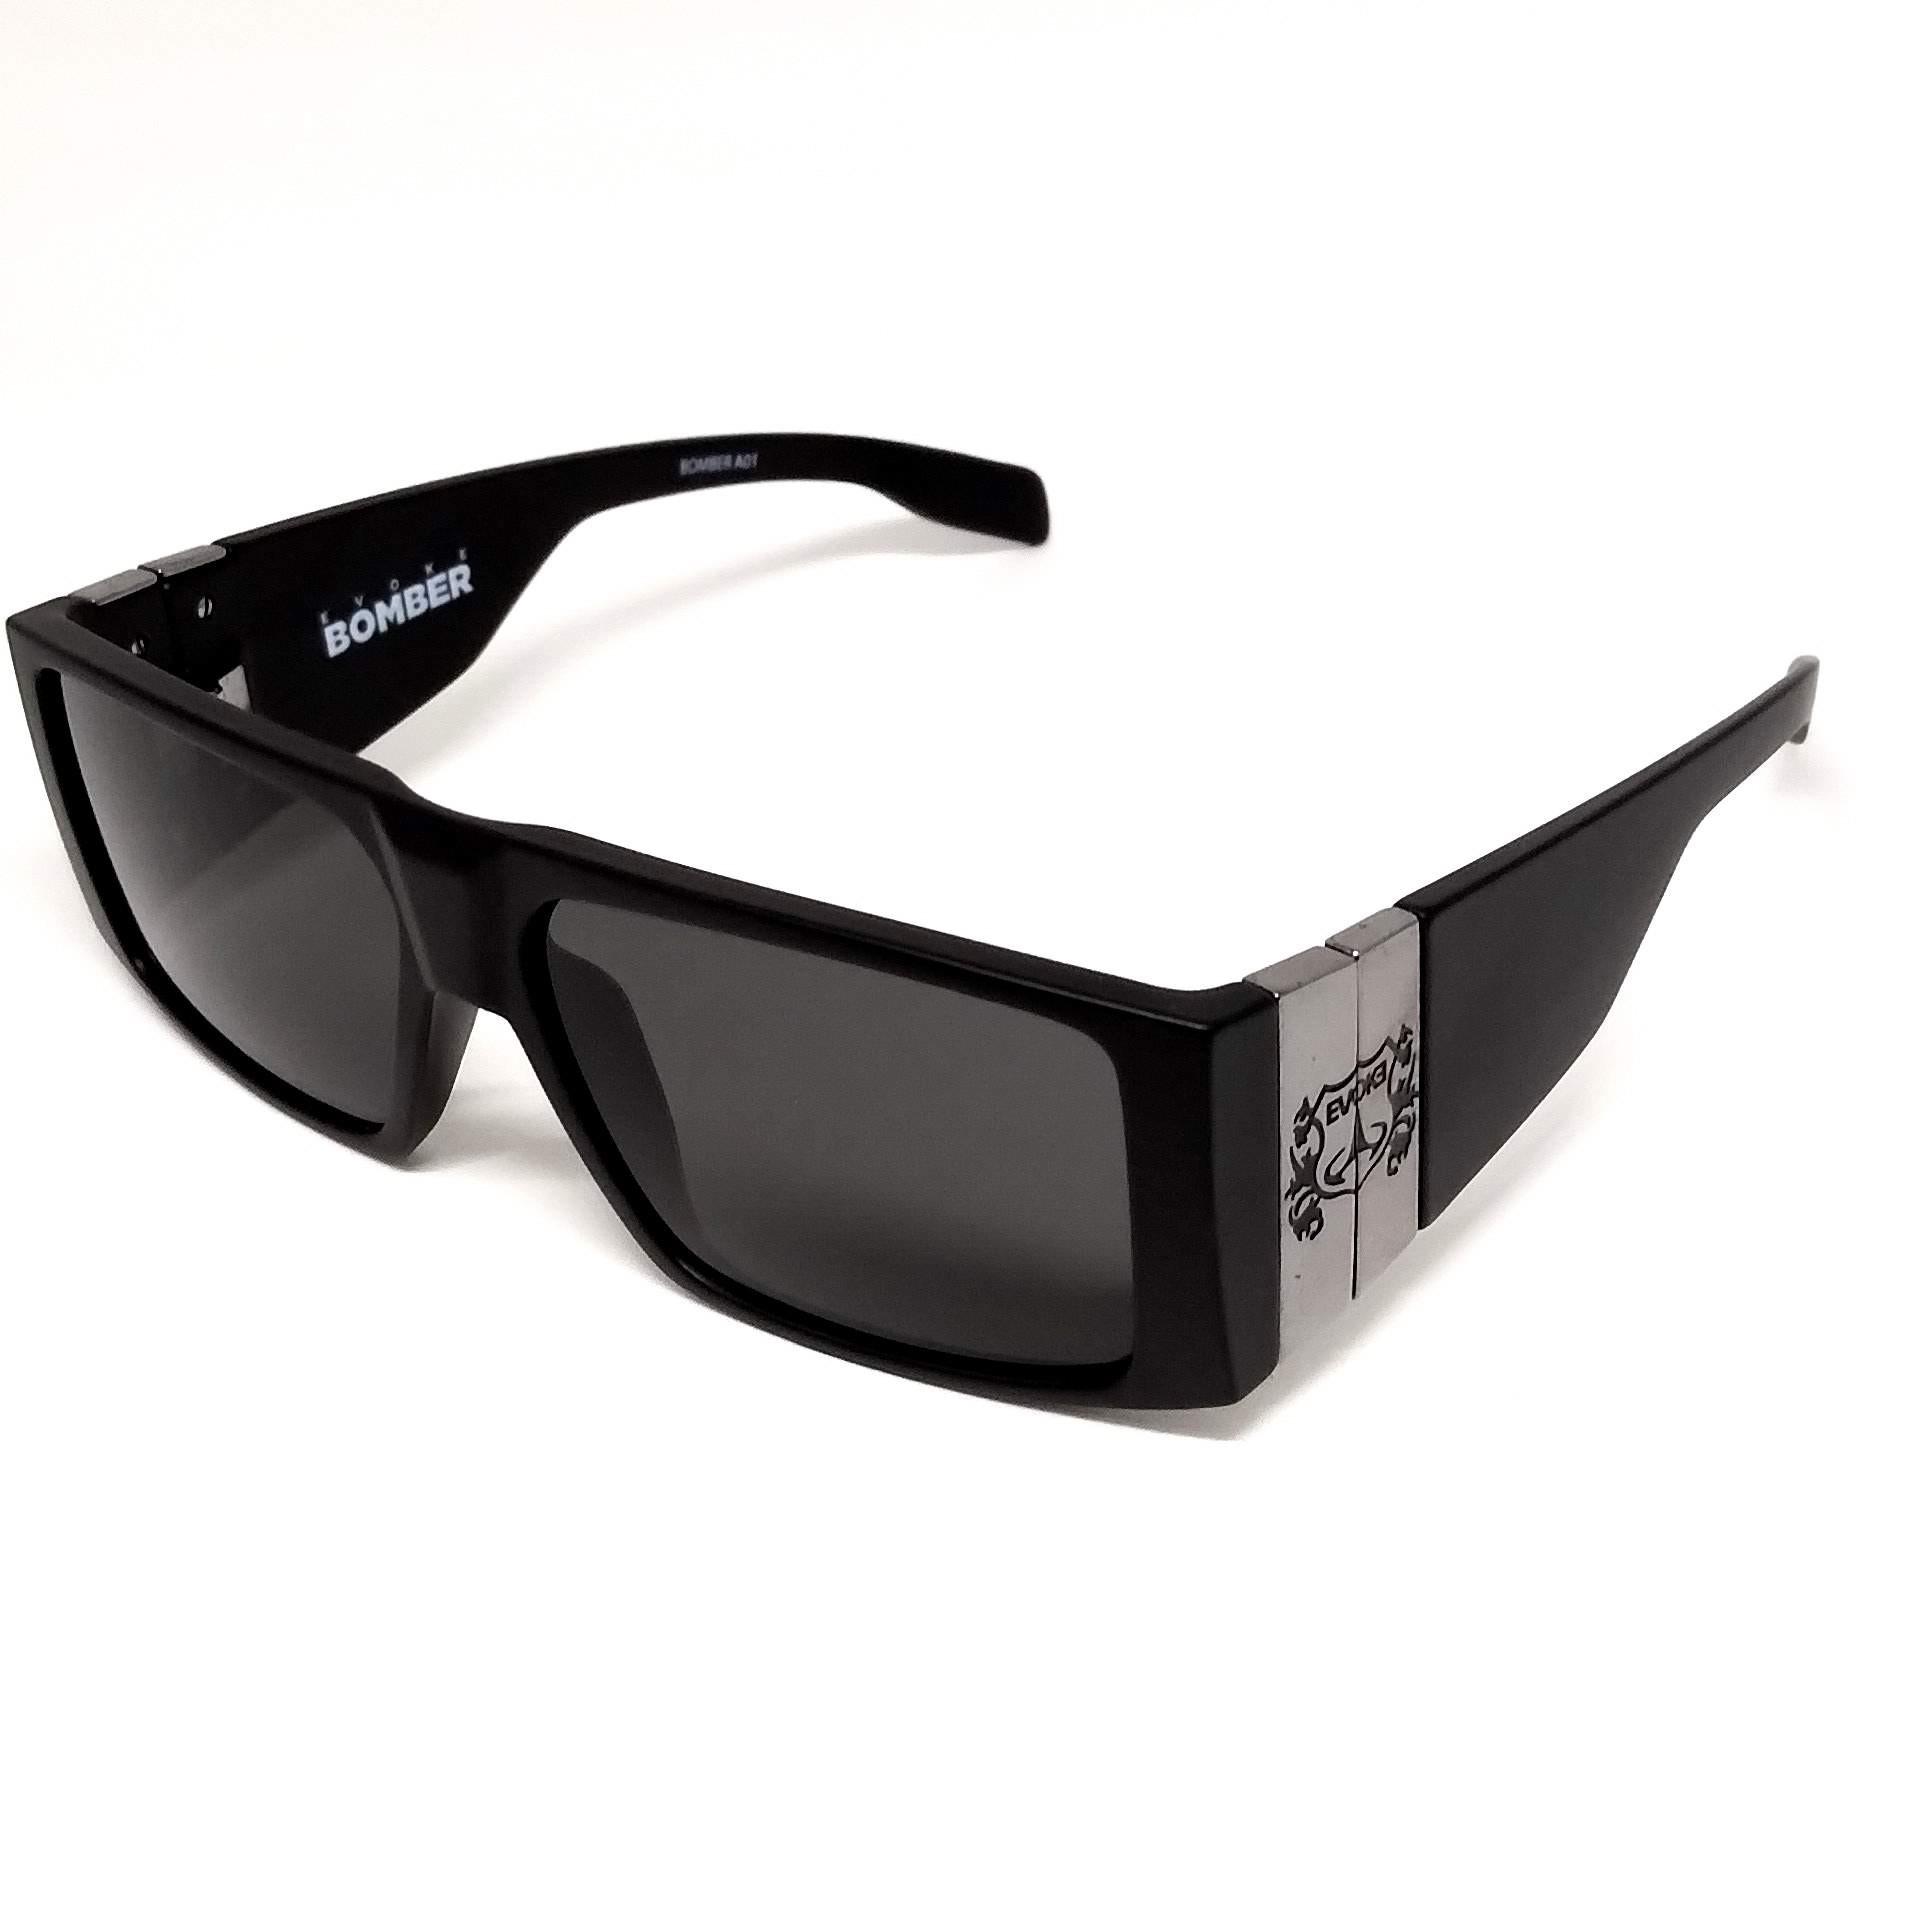 Óculos de Sol Evoke Bomber a01 Preto Cinza